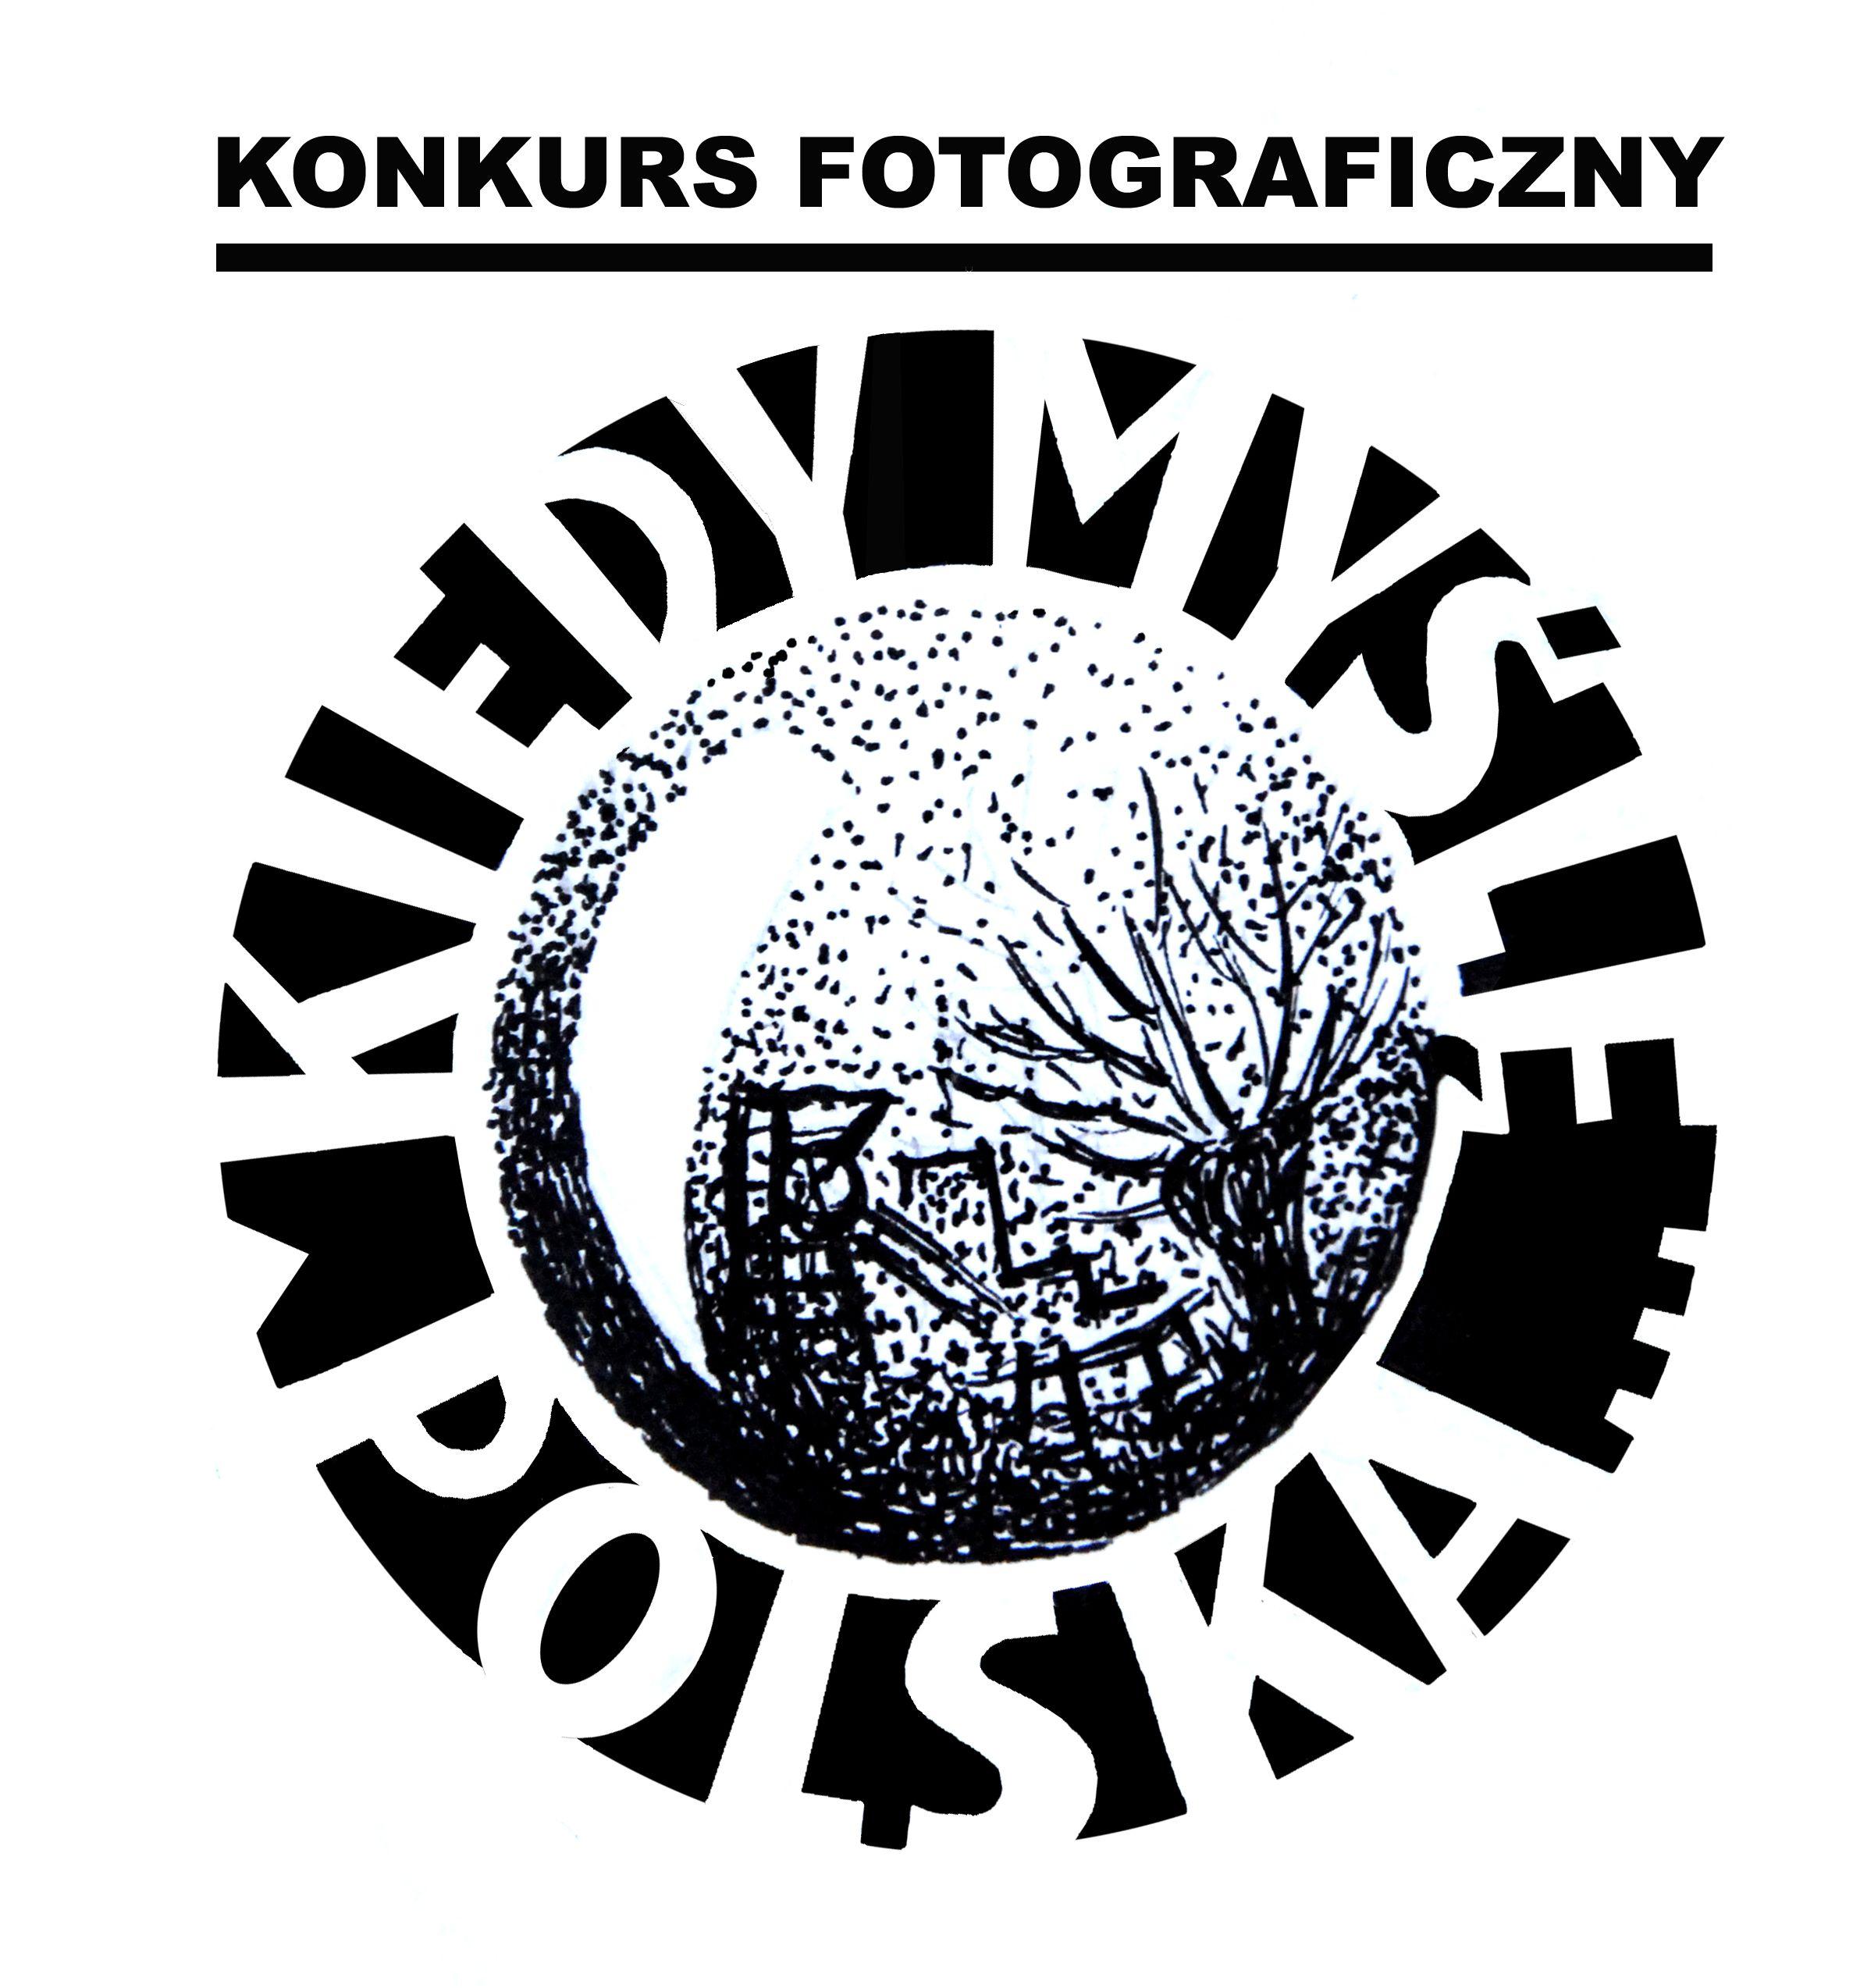 Logo przedstawia wizjer aparatu fotograficznego z charakterystycznymi elementami krajobrazu: wierzba, szyb górniczy. Uzupełnione jest napisem - nazwą konkursu